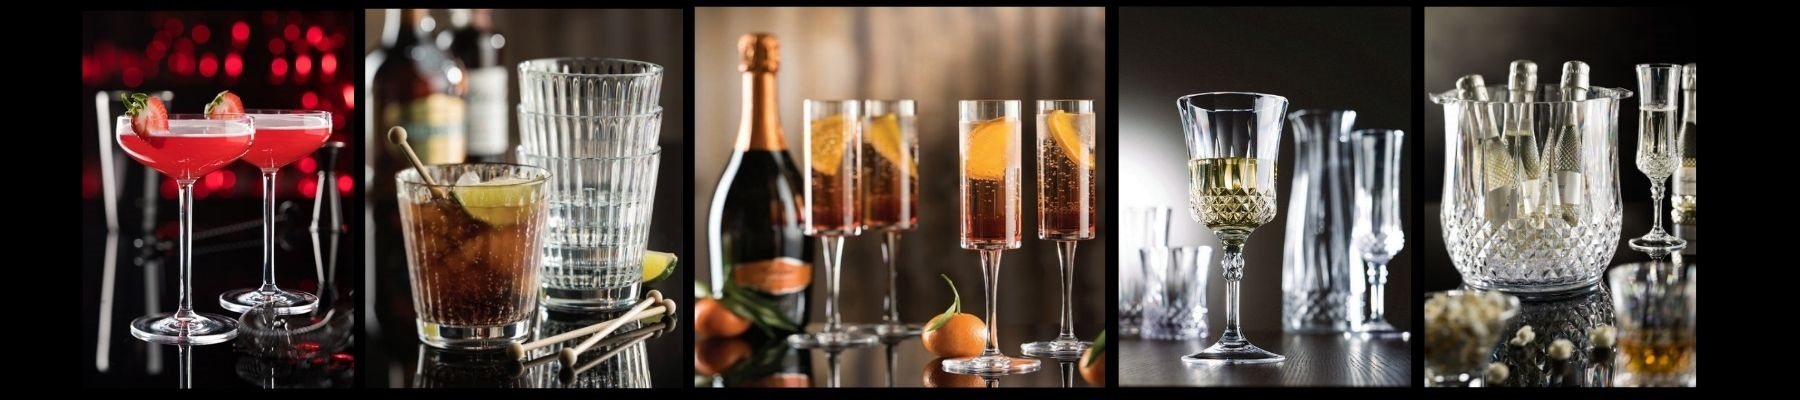 Utopia Champagne Glasses UK